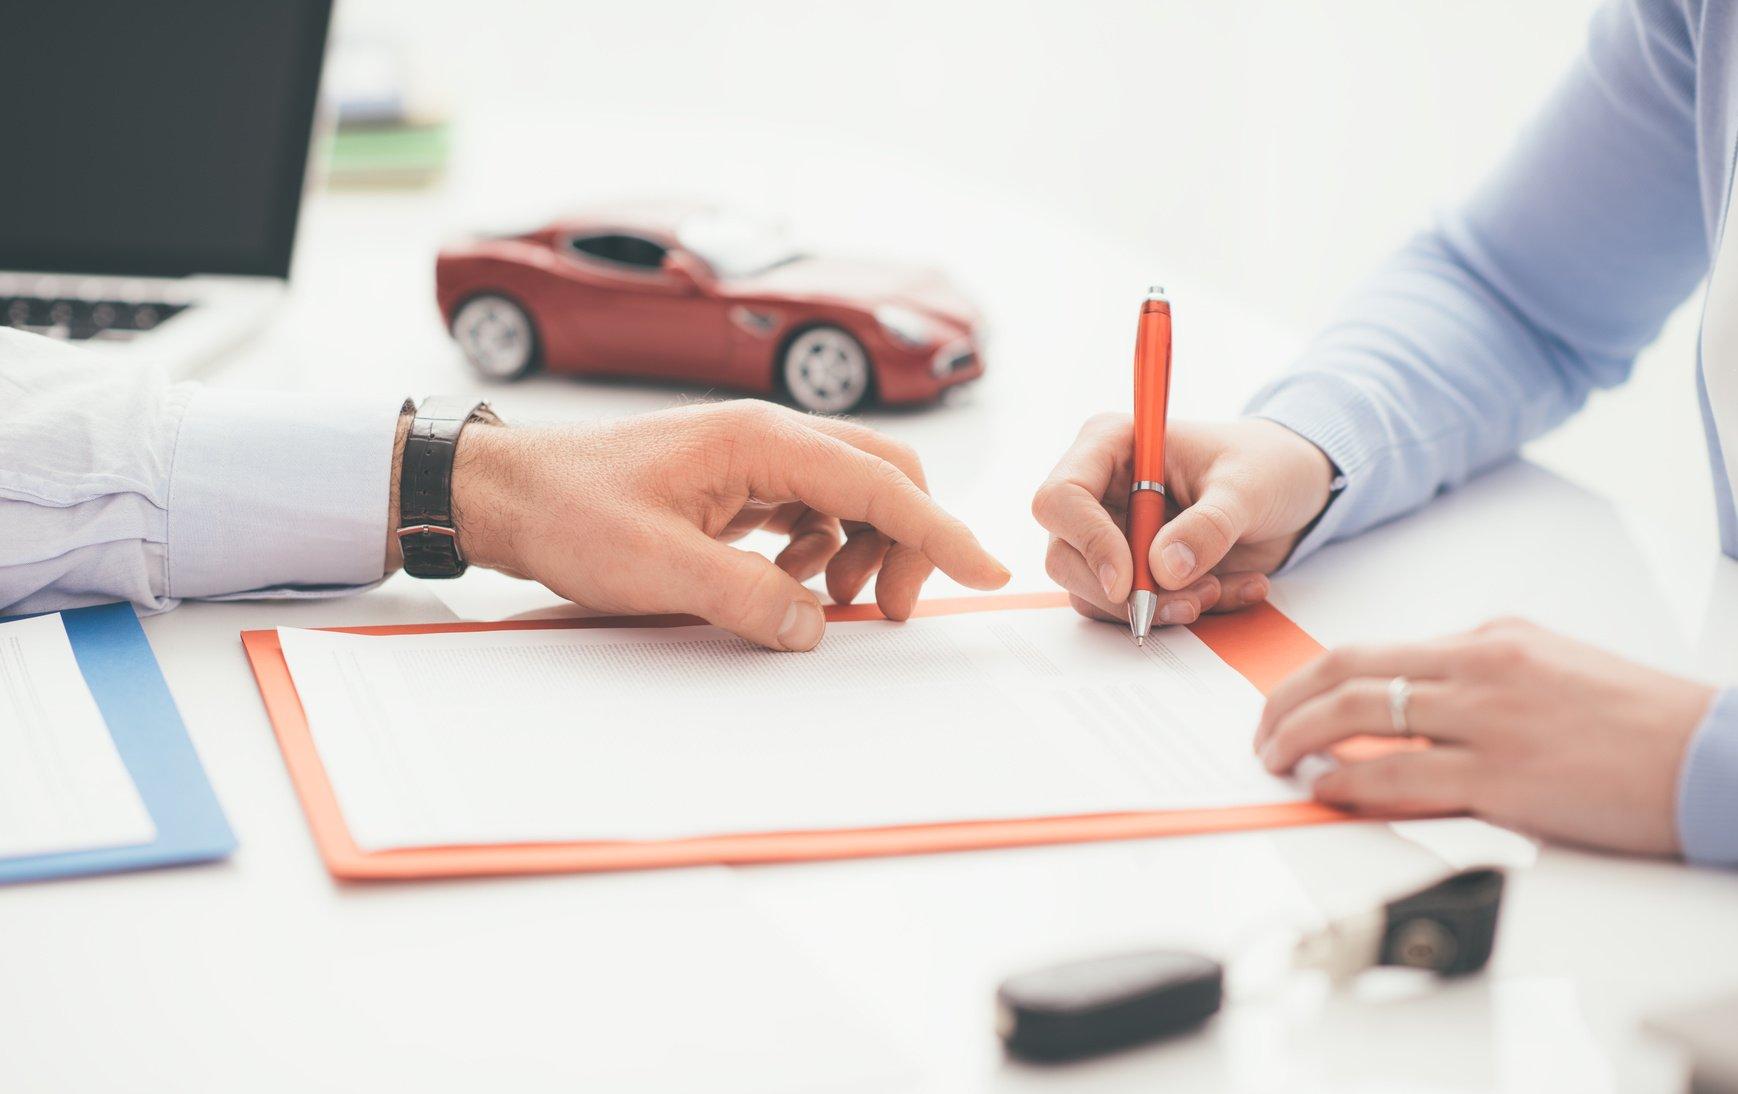 Choisir son assurance : quelles sont les conditions d'une assurance auto ?